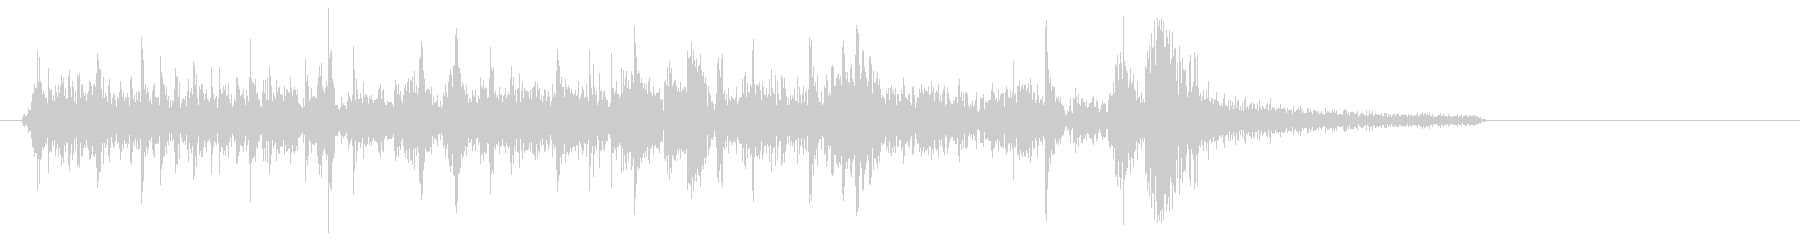 ブーンブツンというマシン停止音の未再生の波形